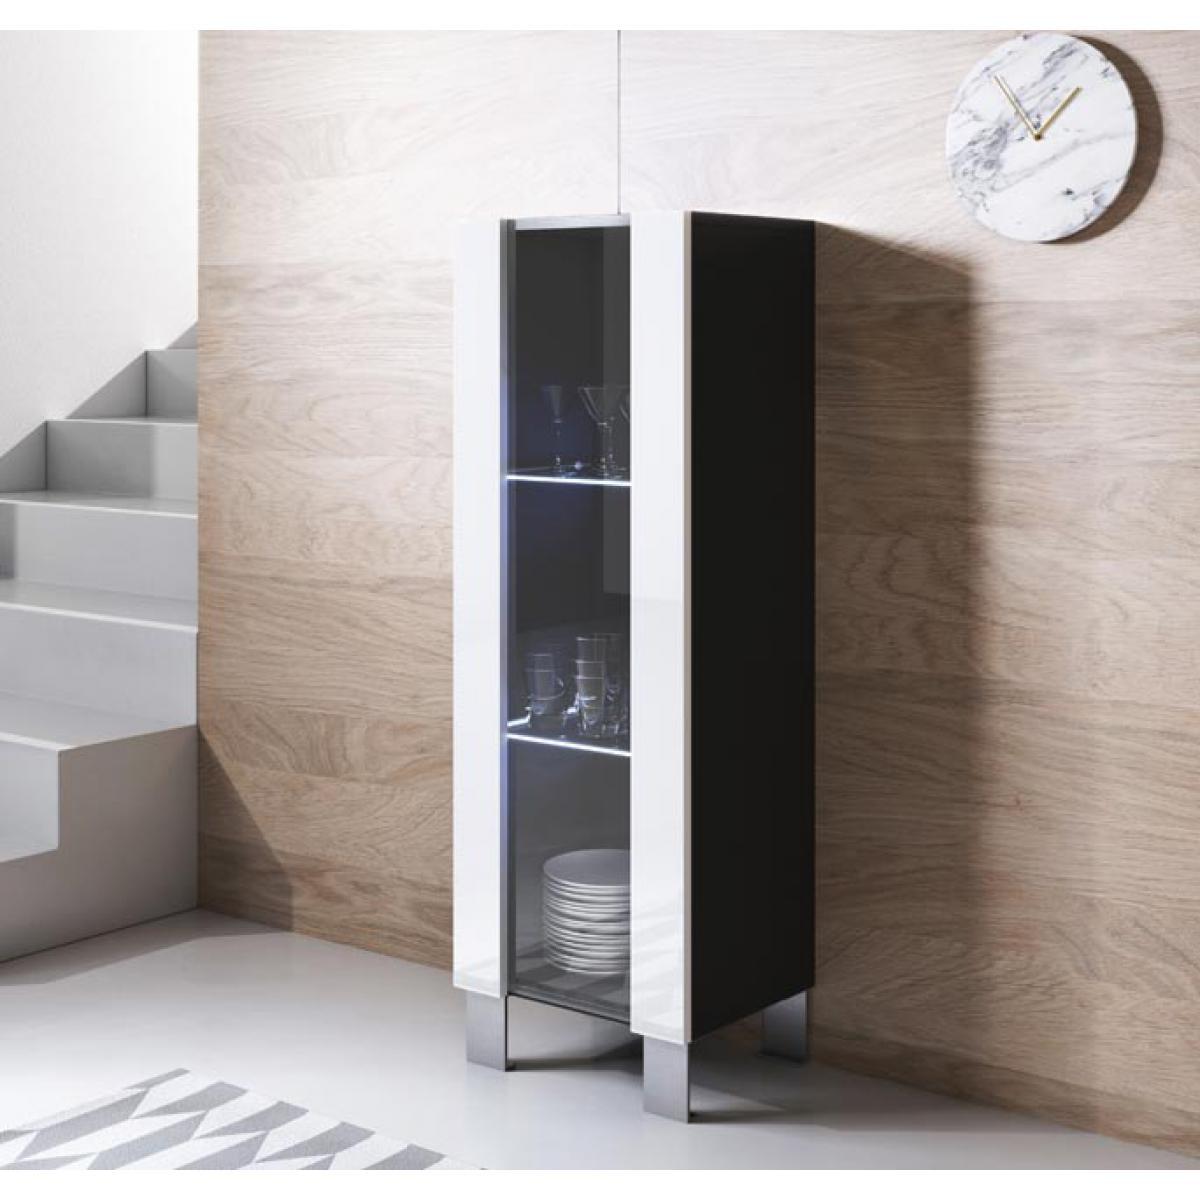 Design Ameublement Vitrine modèle Luke V2 (40x138cm) couleur noir et blanc avec pieds en aluminium